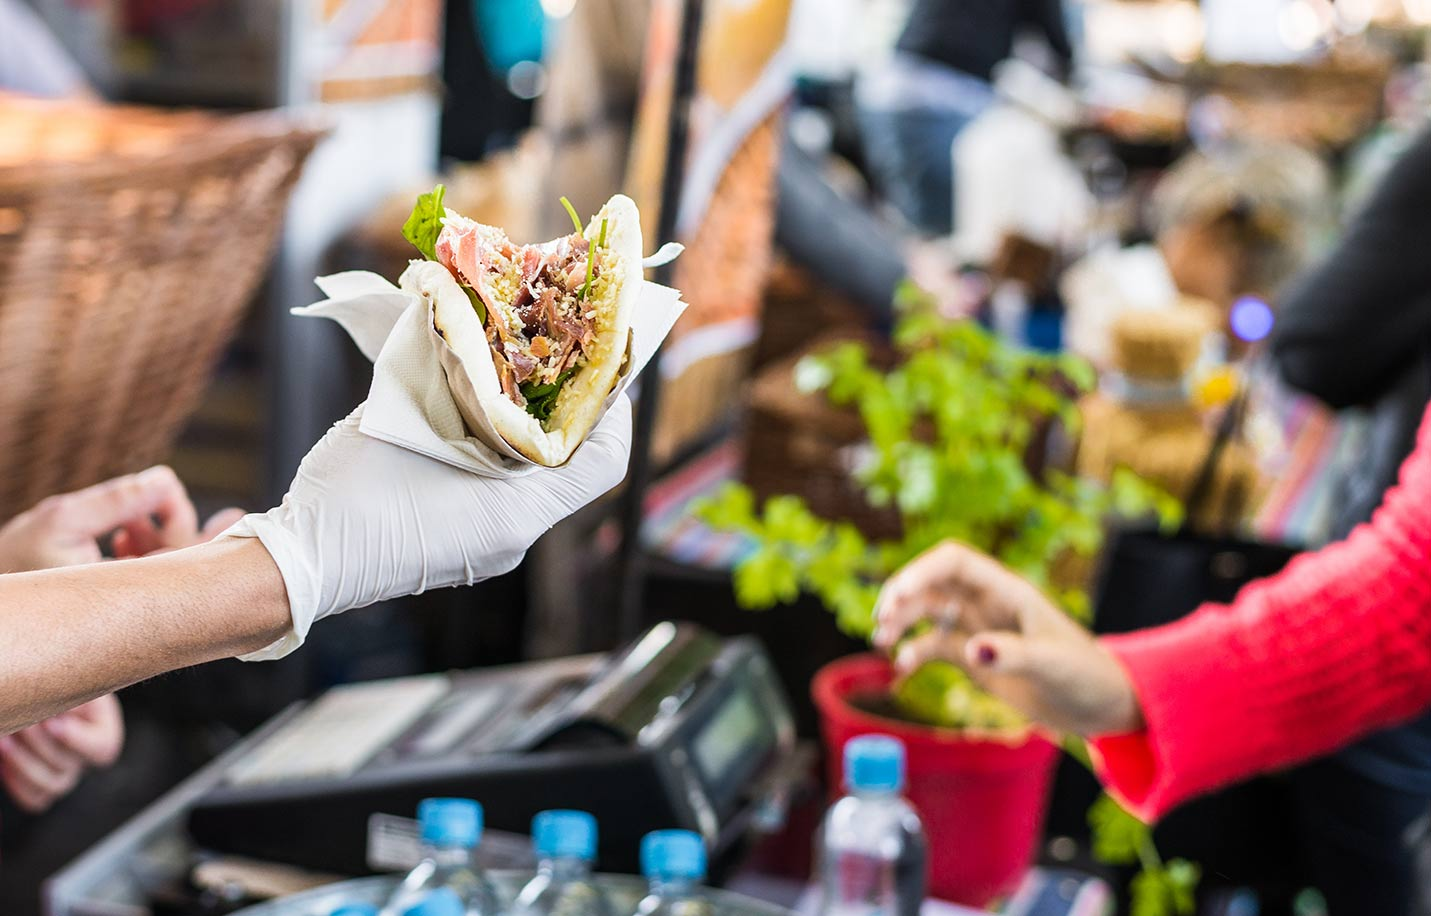 Seattle Street Food Fest